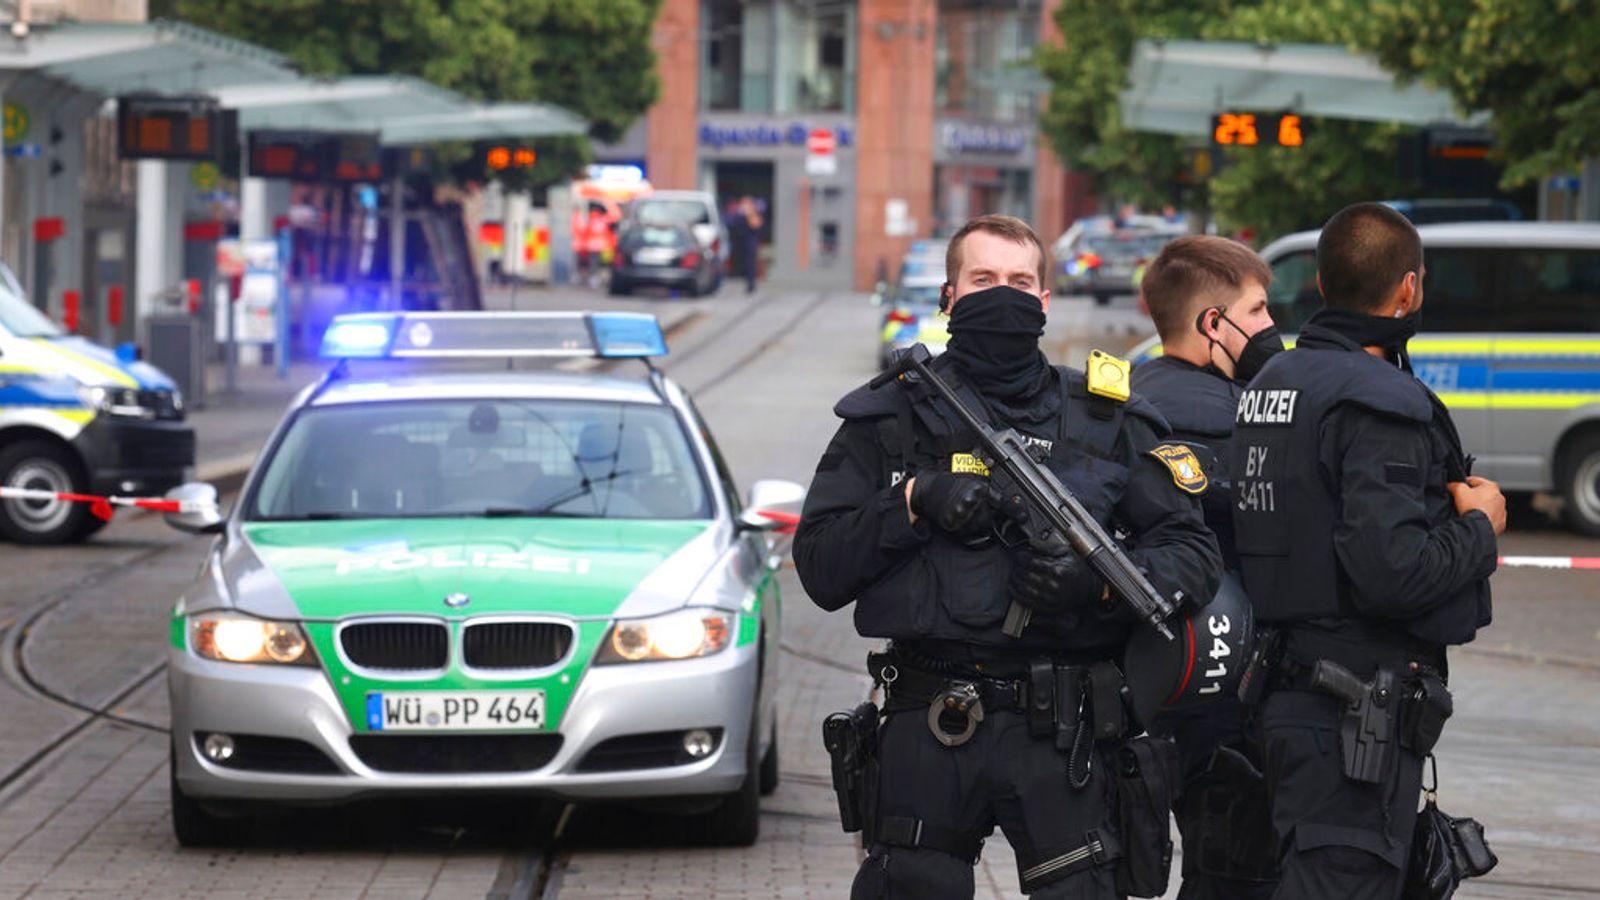 [VIDEO] Trei persoane ucise într-un atac cu cuţitul în orașul Wurzburg din Germania